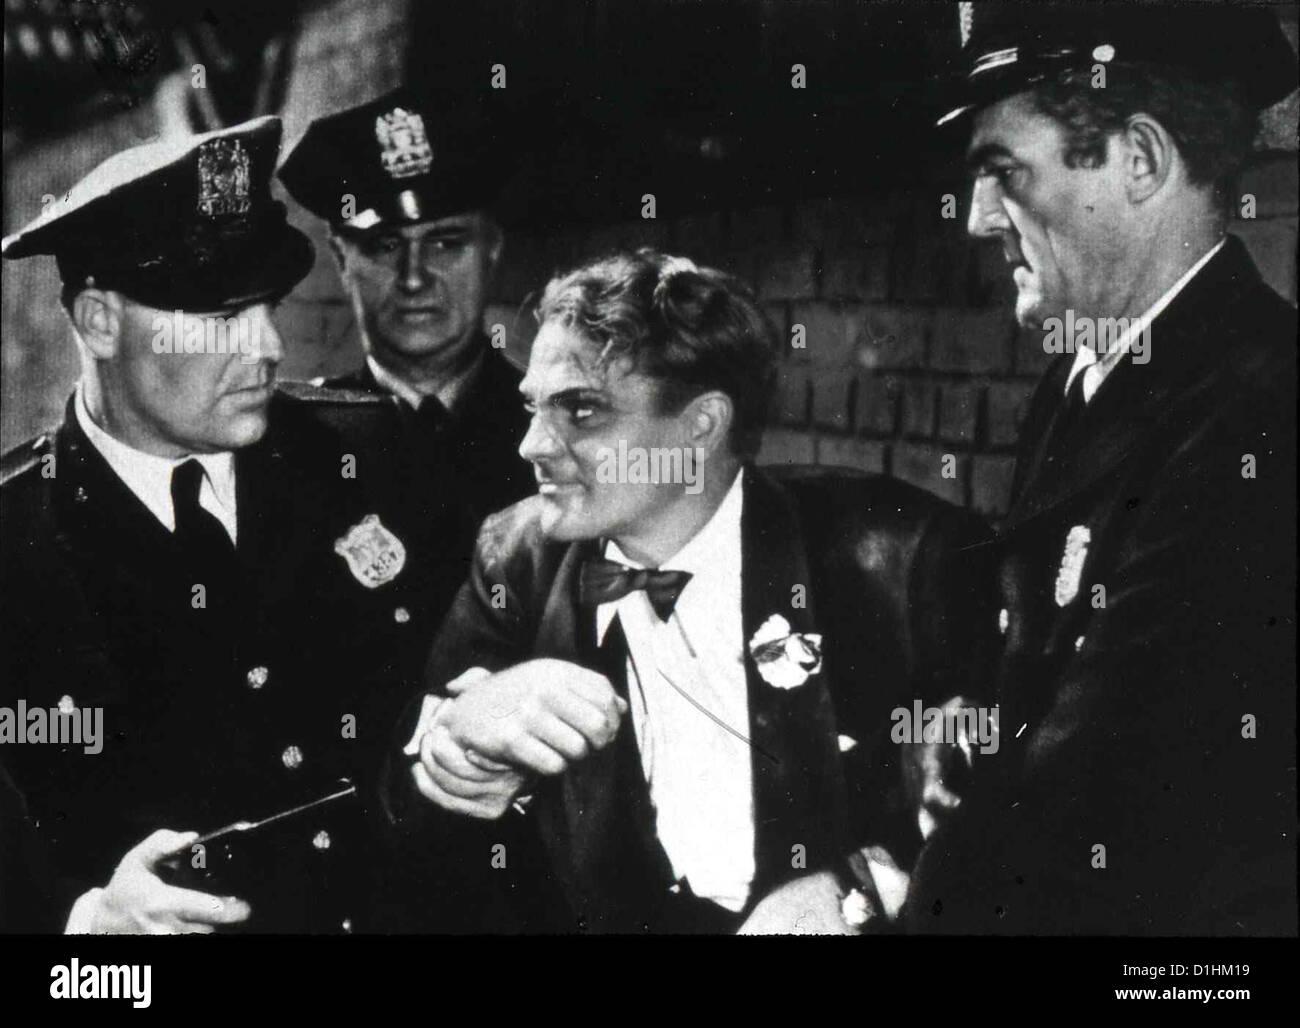 Chicago - Engel Mit Schmutzigen Gesichtern   Angels With Dirty Faces   James Cagney (m) *** Local Caption *** 1938 Stock Photo